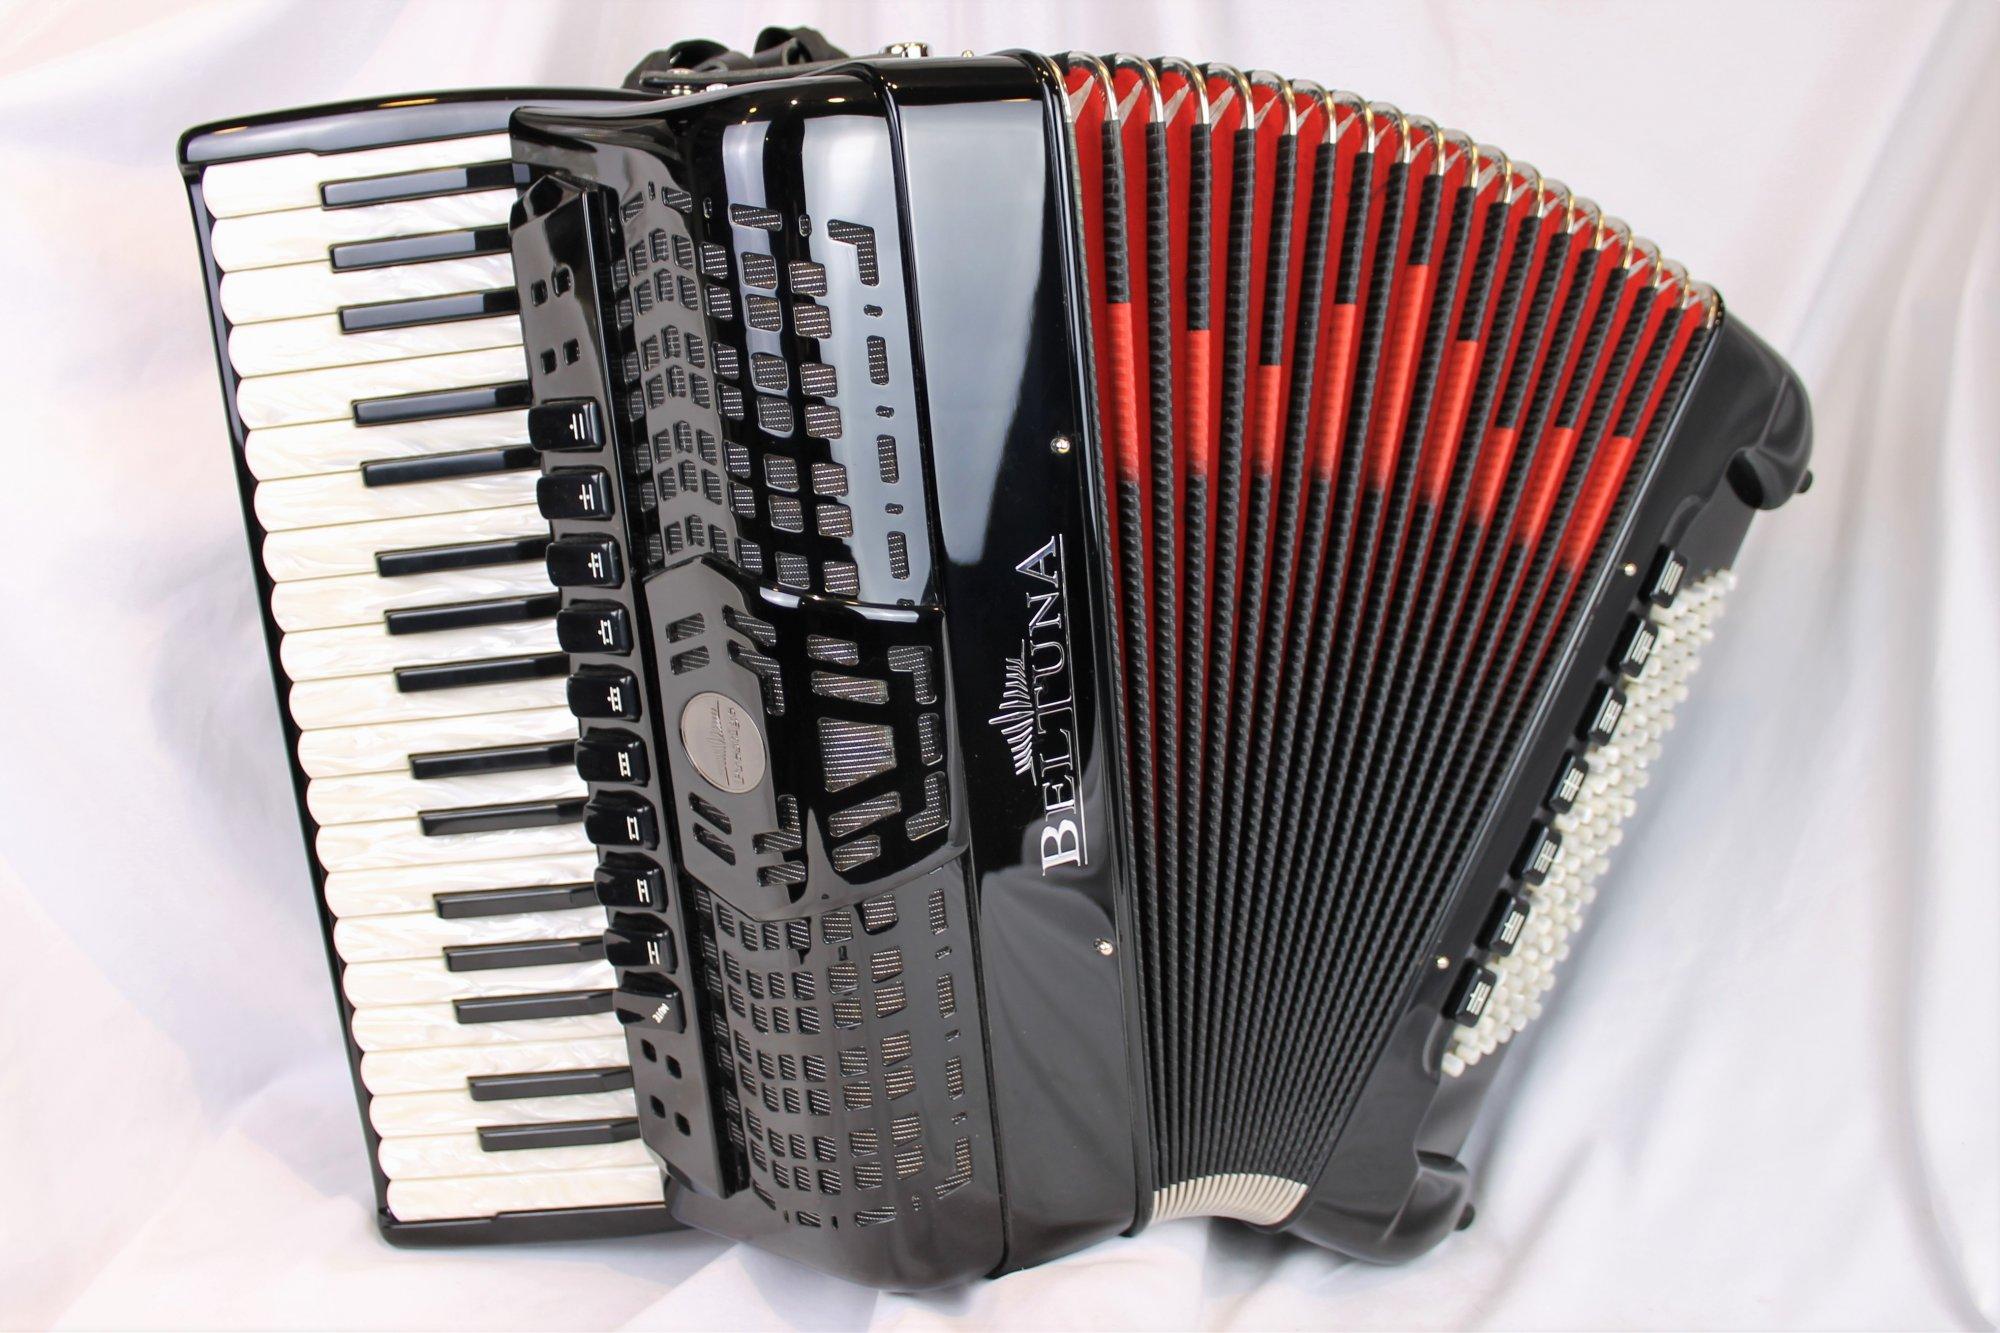 NEW Black Beltuna Prestige IV Piano Accordion LMMM 37 96